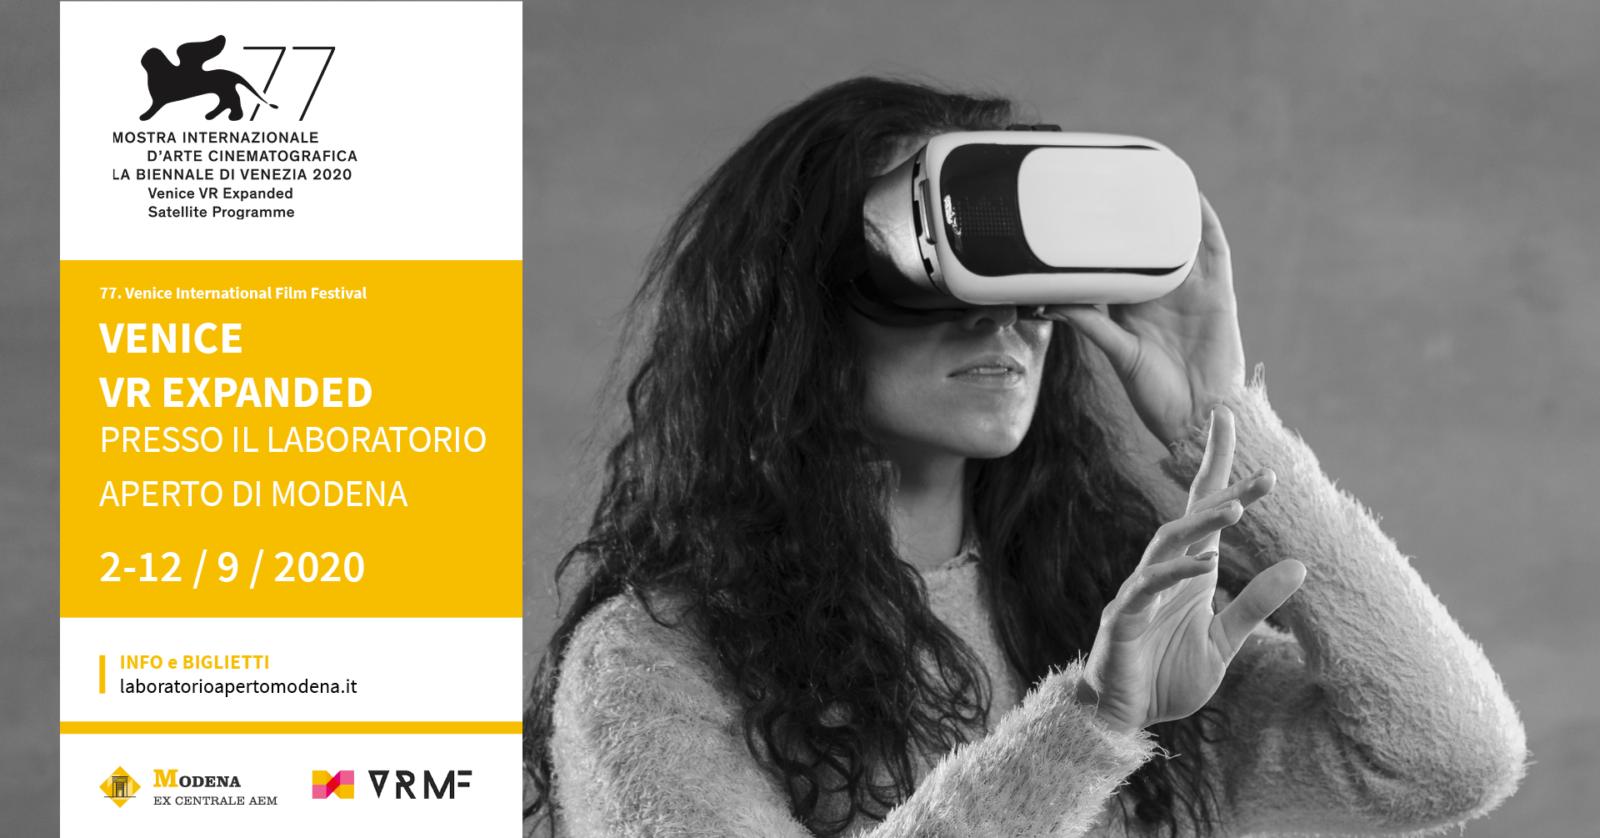 Venice VR Expanded biennale Venezia